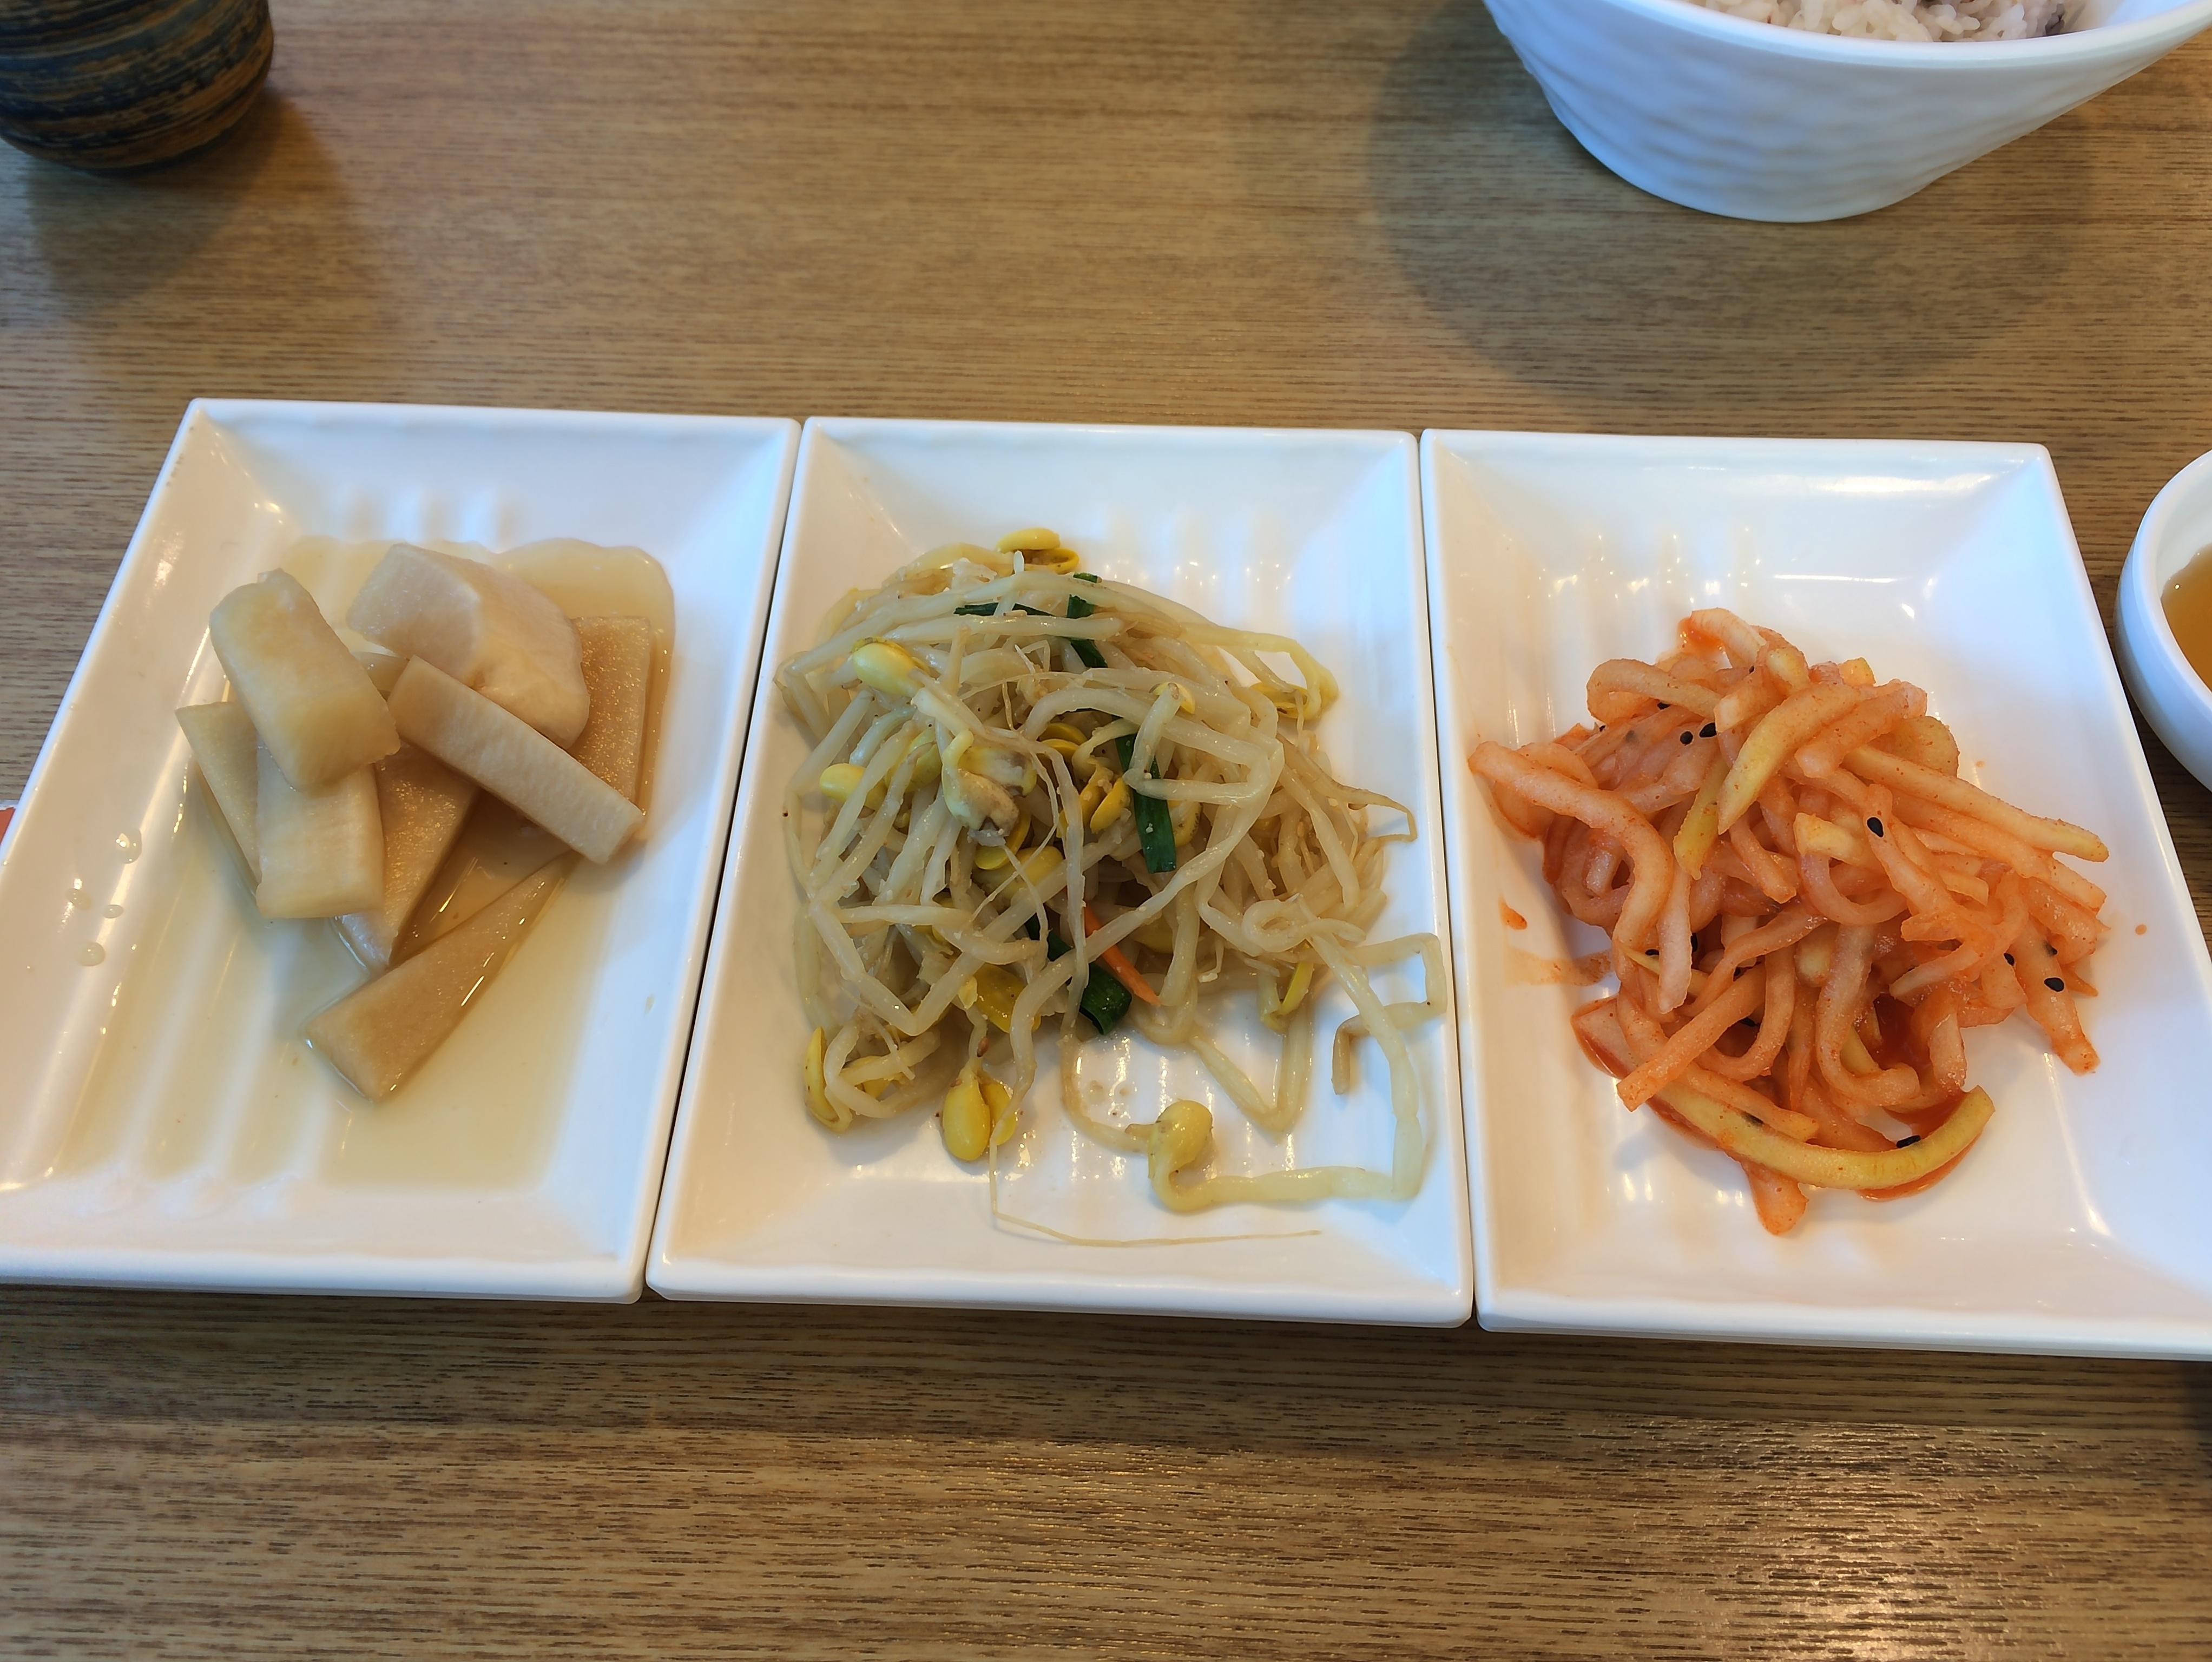 센텀-해운대 나들이와 식사